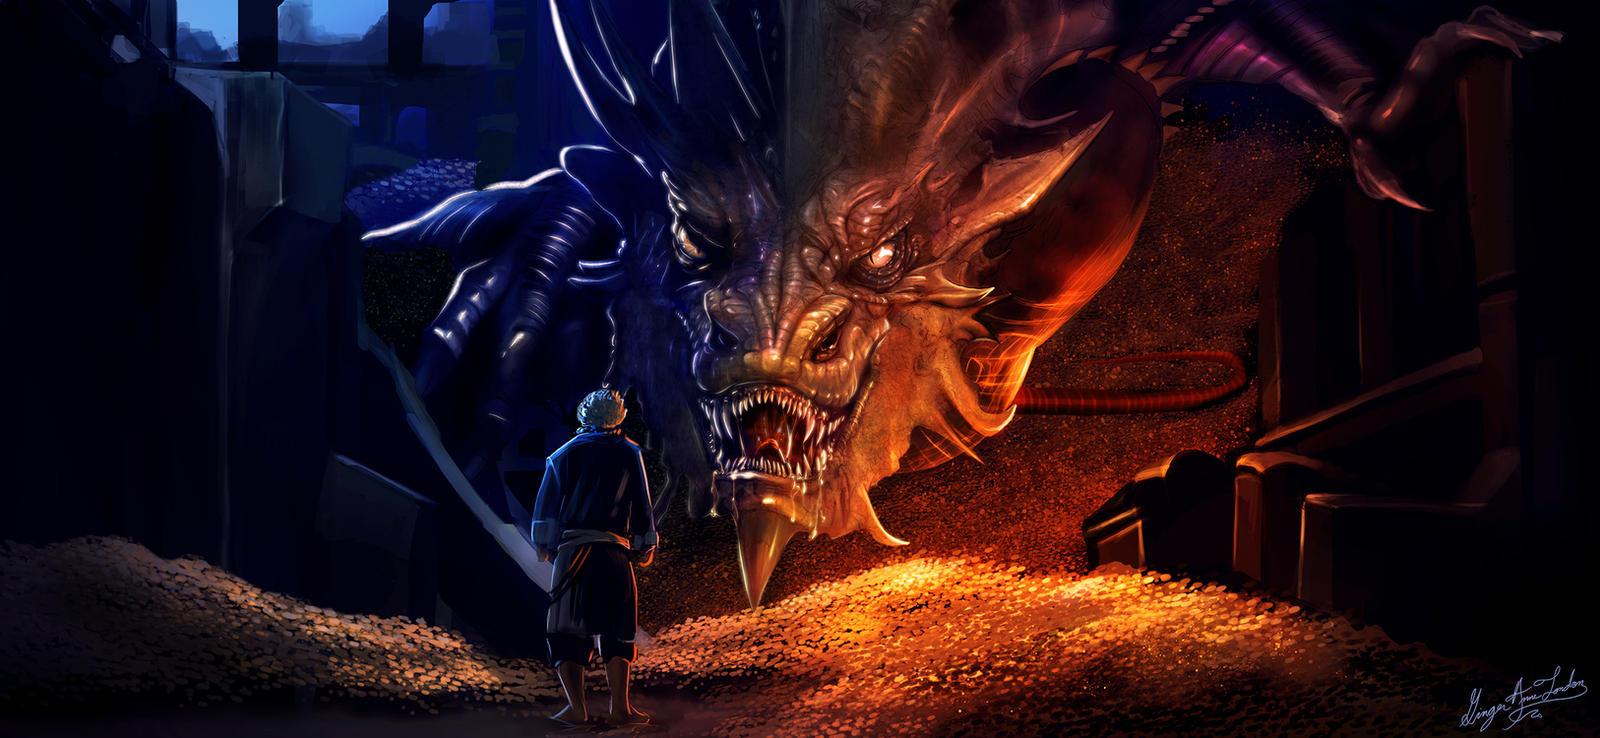 smaug the dragon hobbit - photo #18